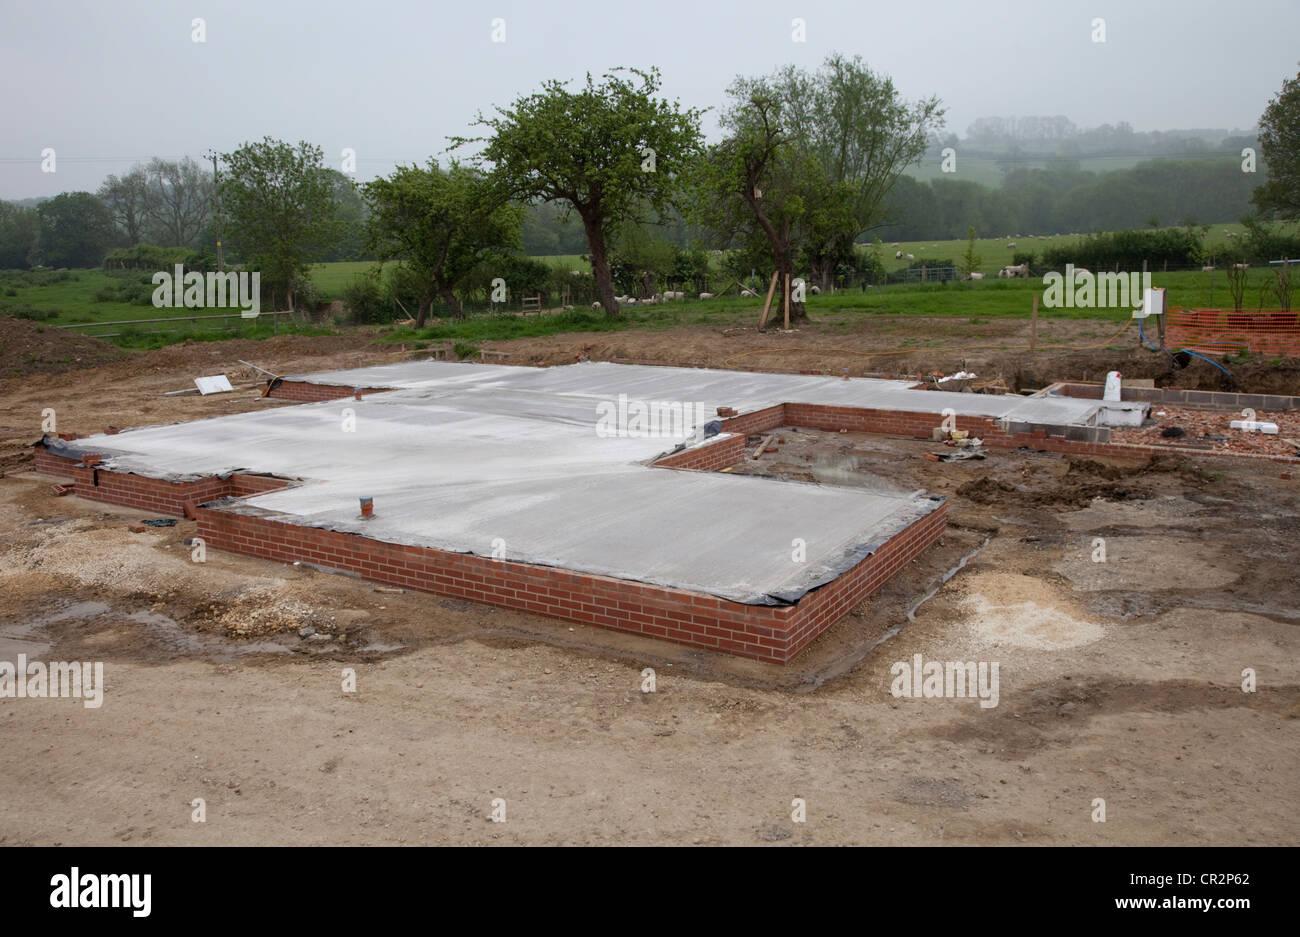 Finished concrete pour passive slab foundation Colemans Hill Farm Ecobuild Mickleton UK - Stock Image